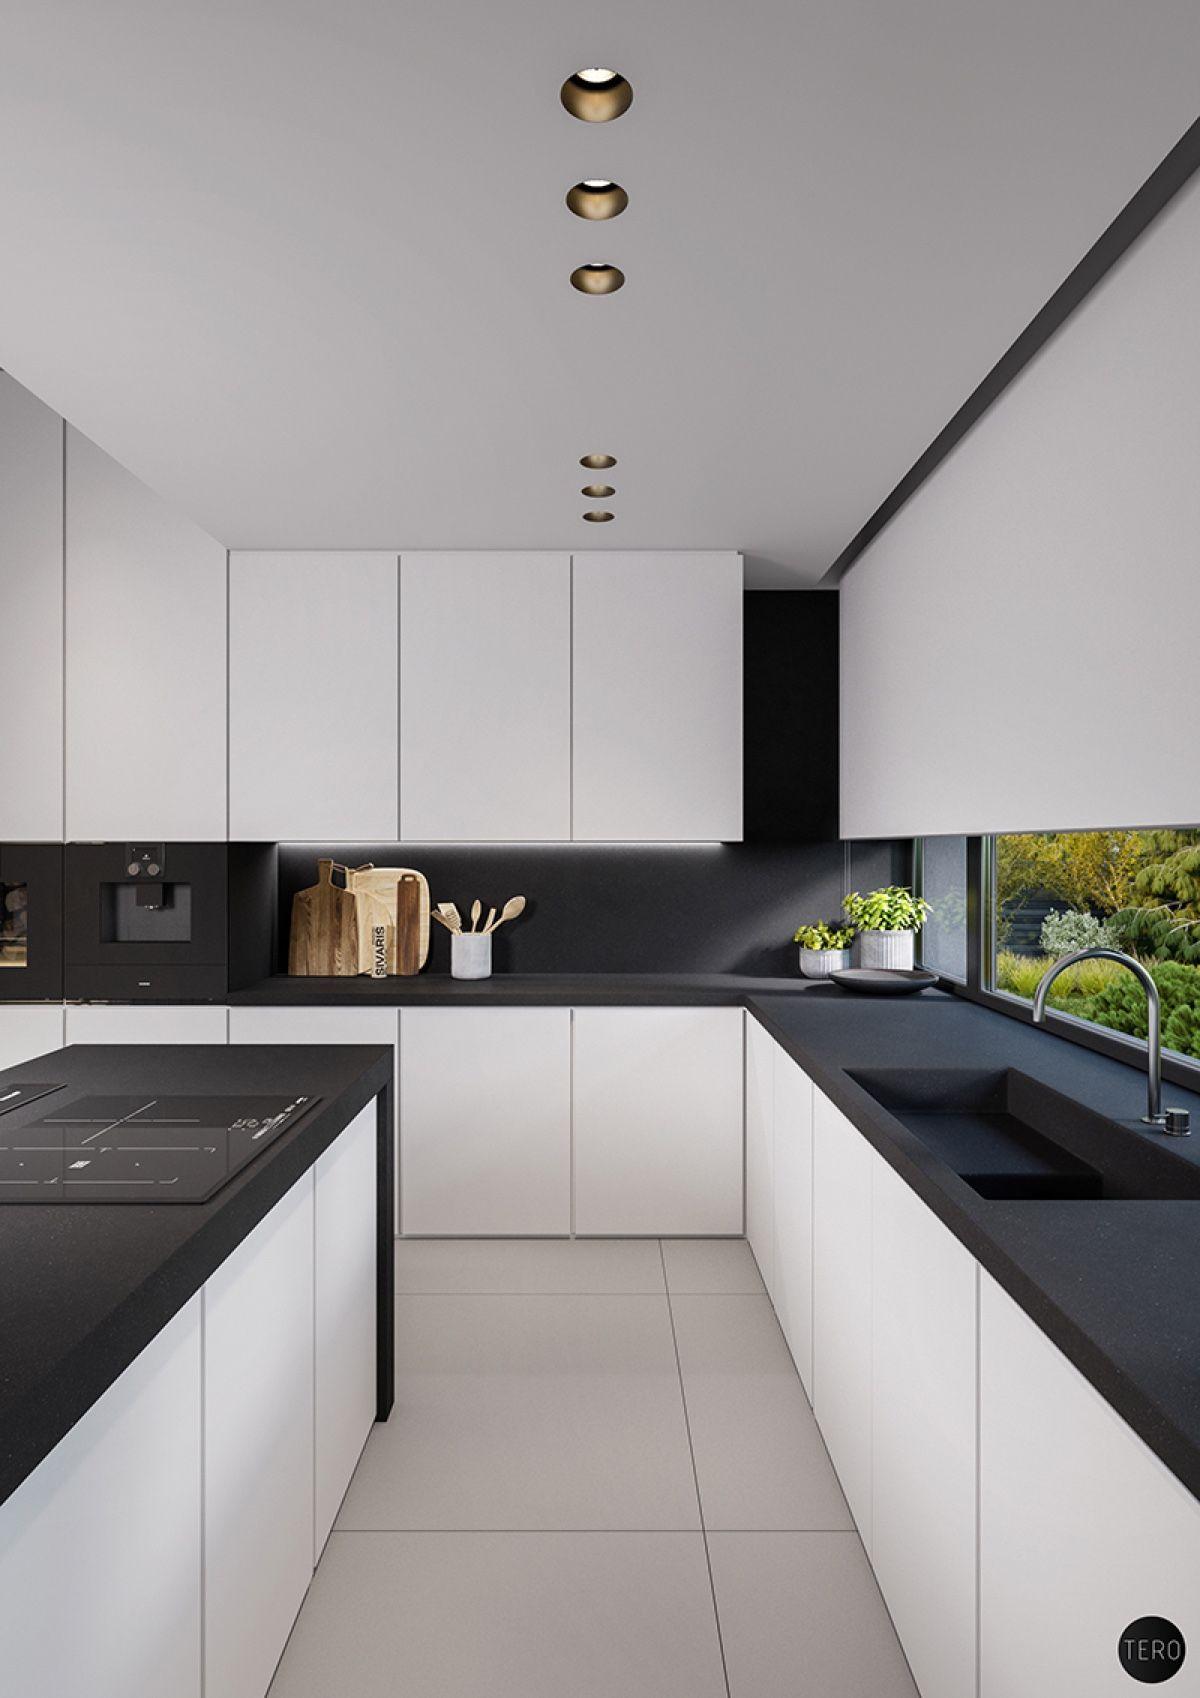 noir blanc plafond d cal d coration cuisine pinterest plafond noir et cuisines. Black Bedroom Furniture Sets. Home Design Ideas